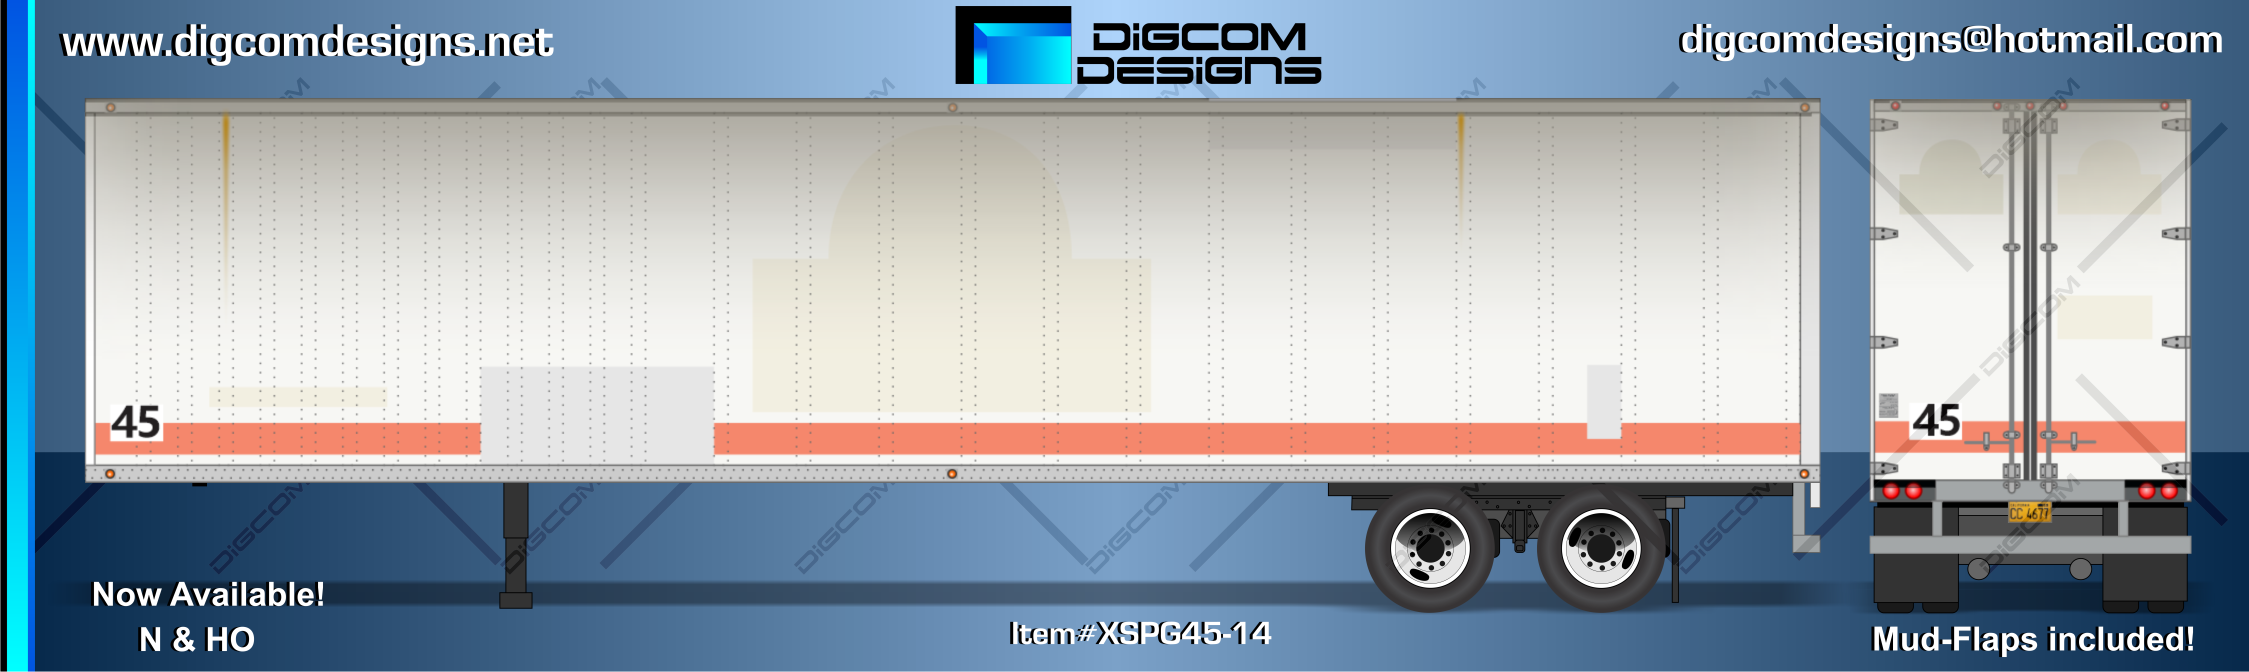 XSPG45-14